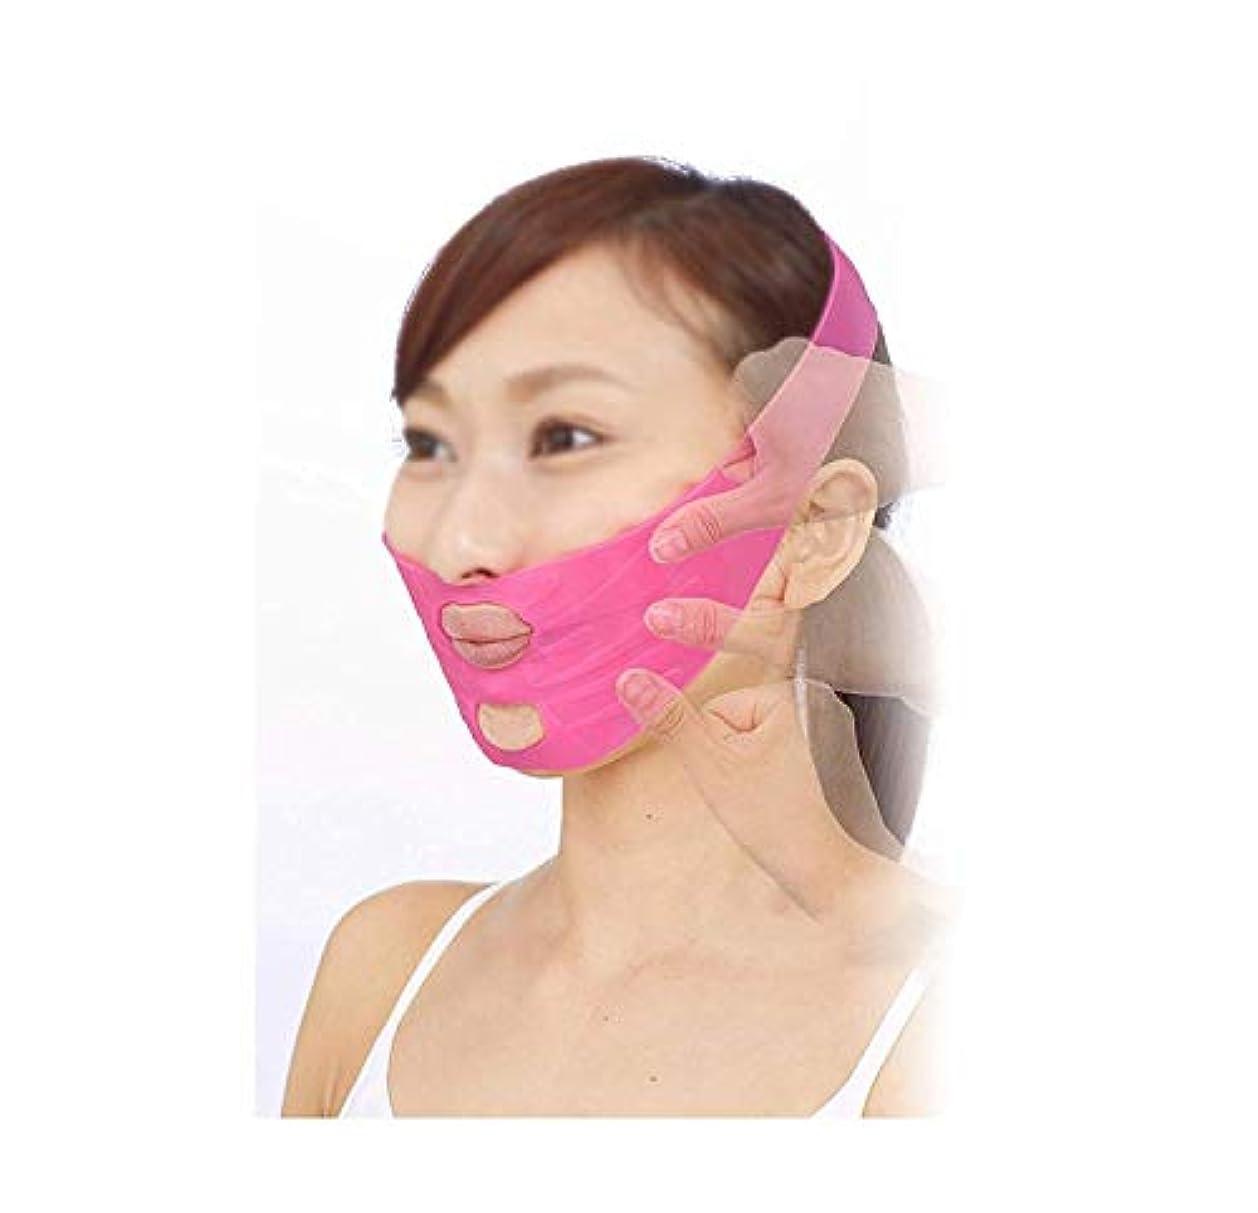 時間厳守成熟精巧なフェイシャルマスク、フェイスリフティングアーティファクトフェイスマスク垂れ顔SサイズVフェイス包帯通気性スリーピングフェイスダブルチンチンセットスリープ弾性スリミングベルト